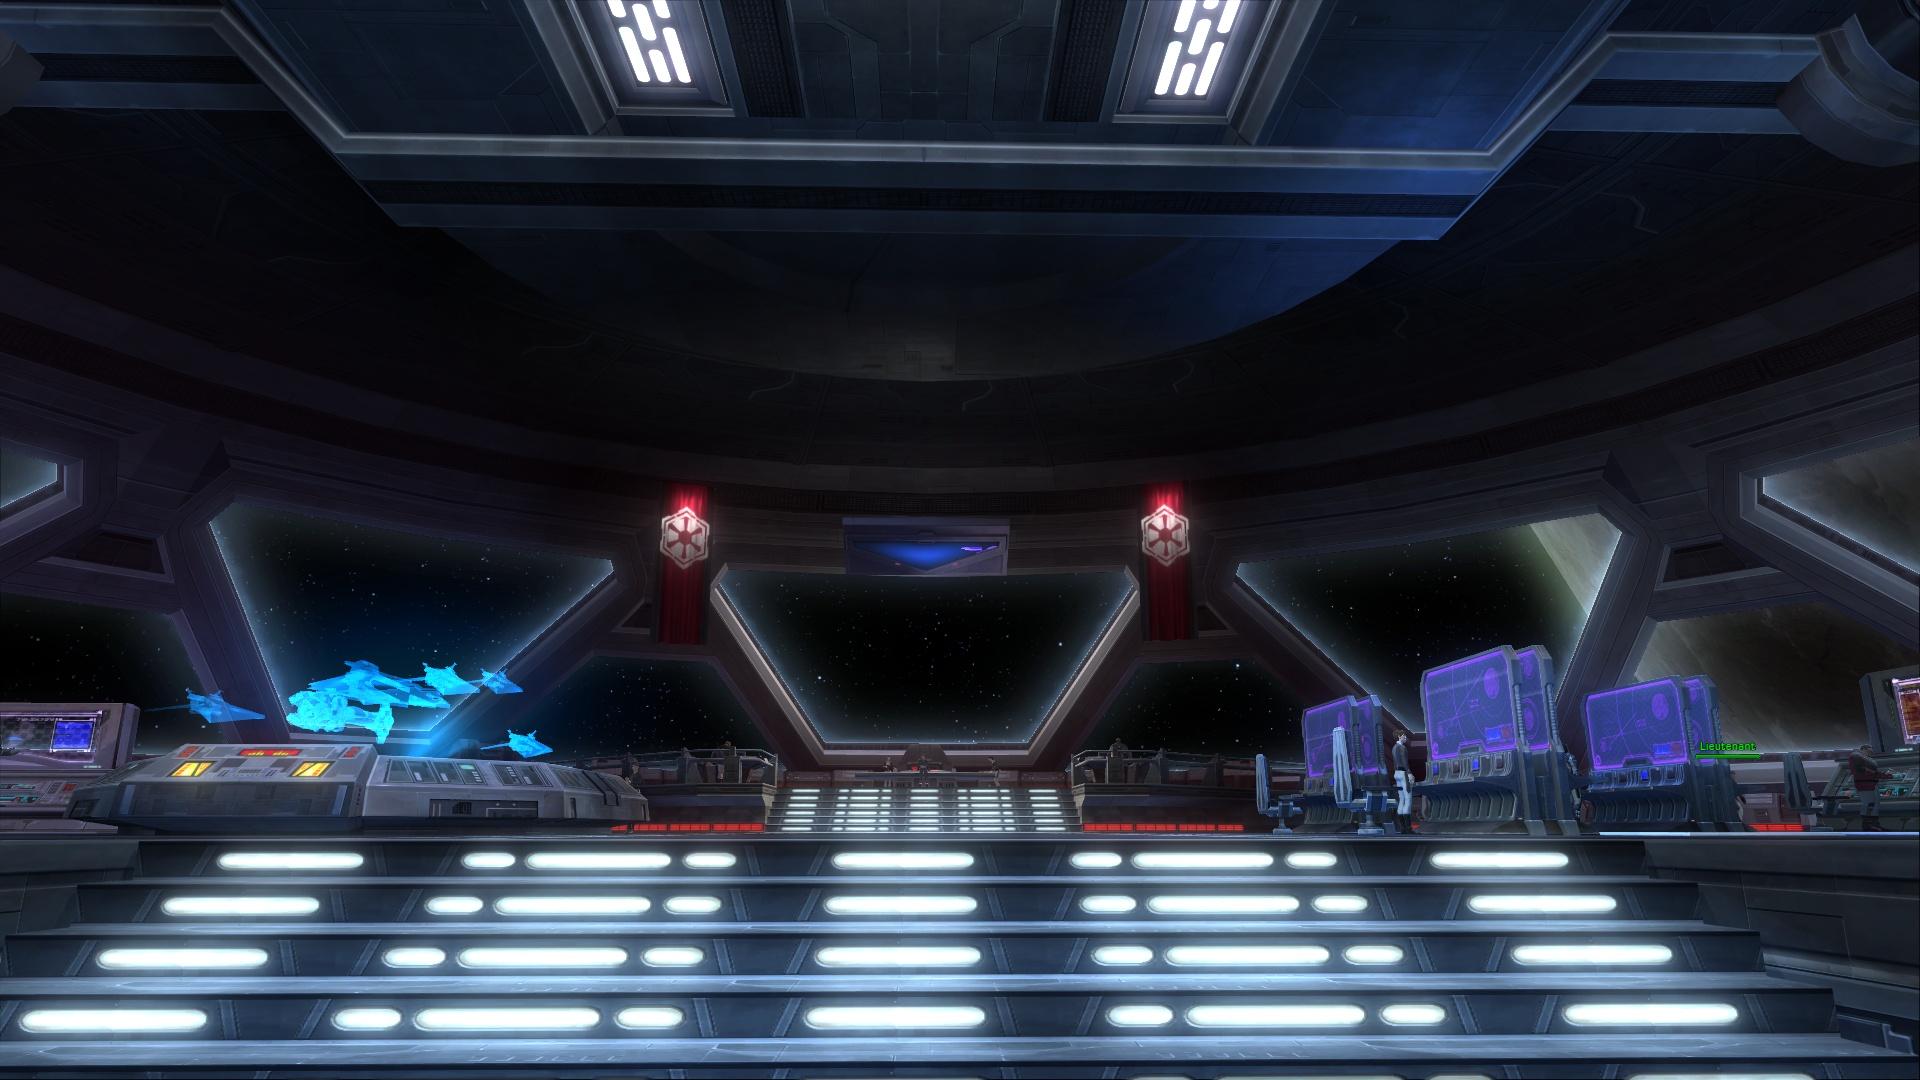 Image White Nova Command Bridge Jpg Star Wars The